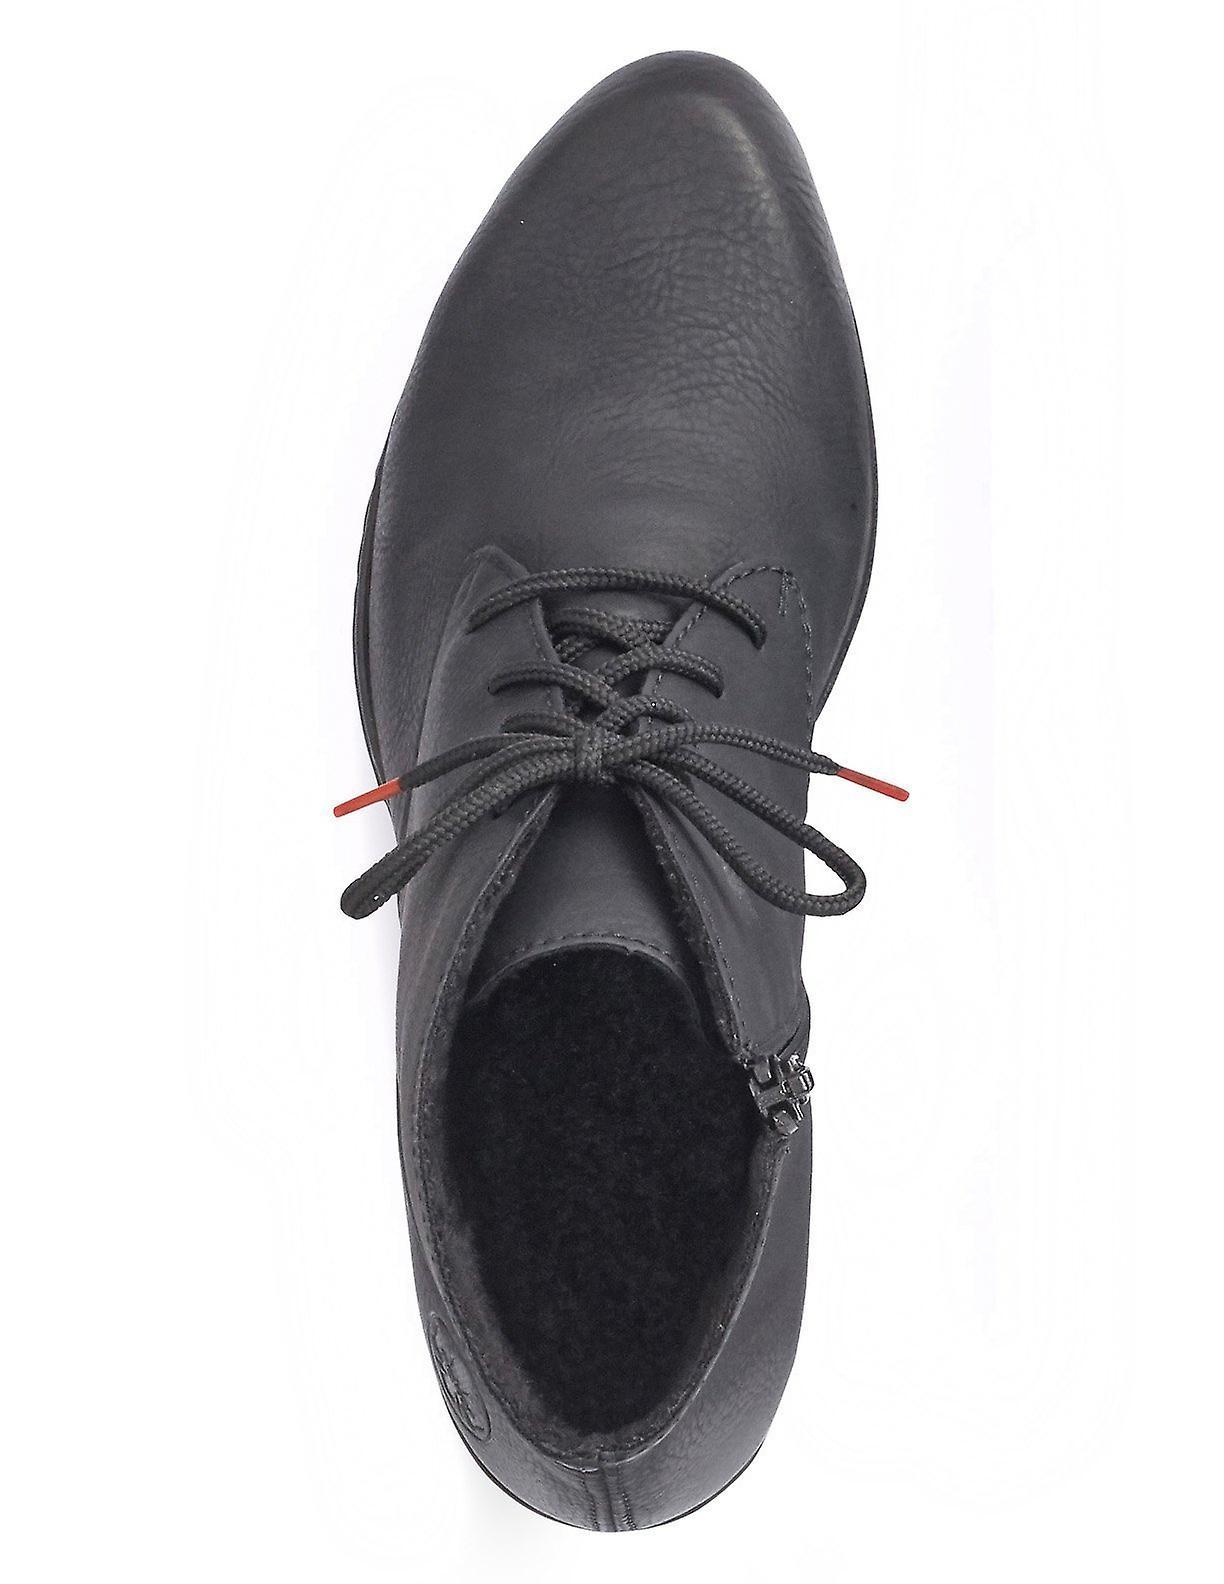 Rieker namur boots womens black